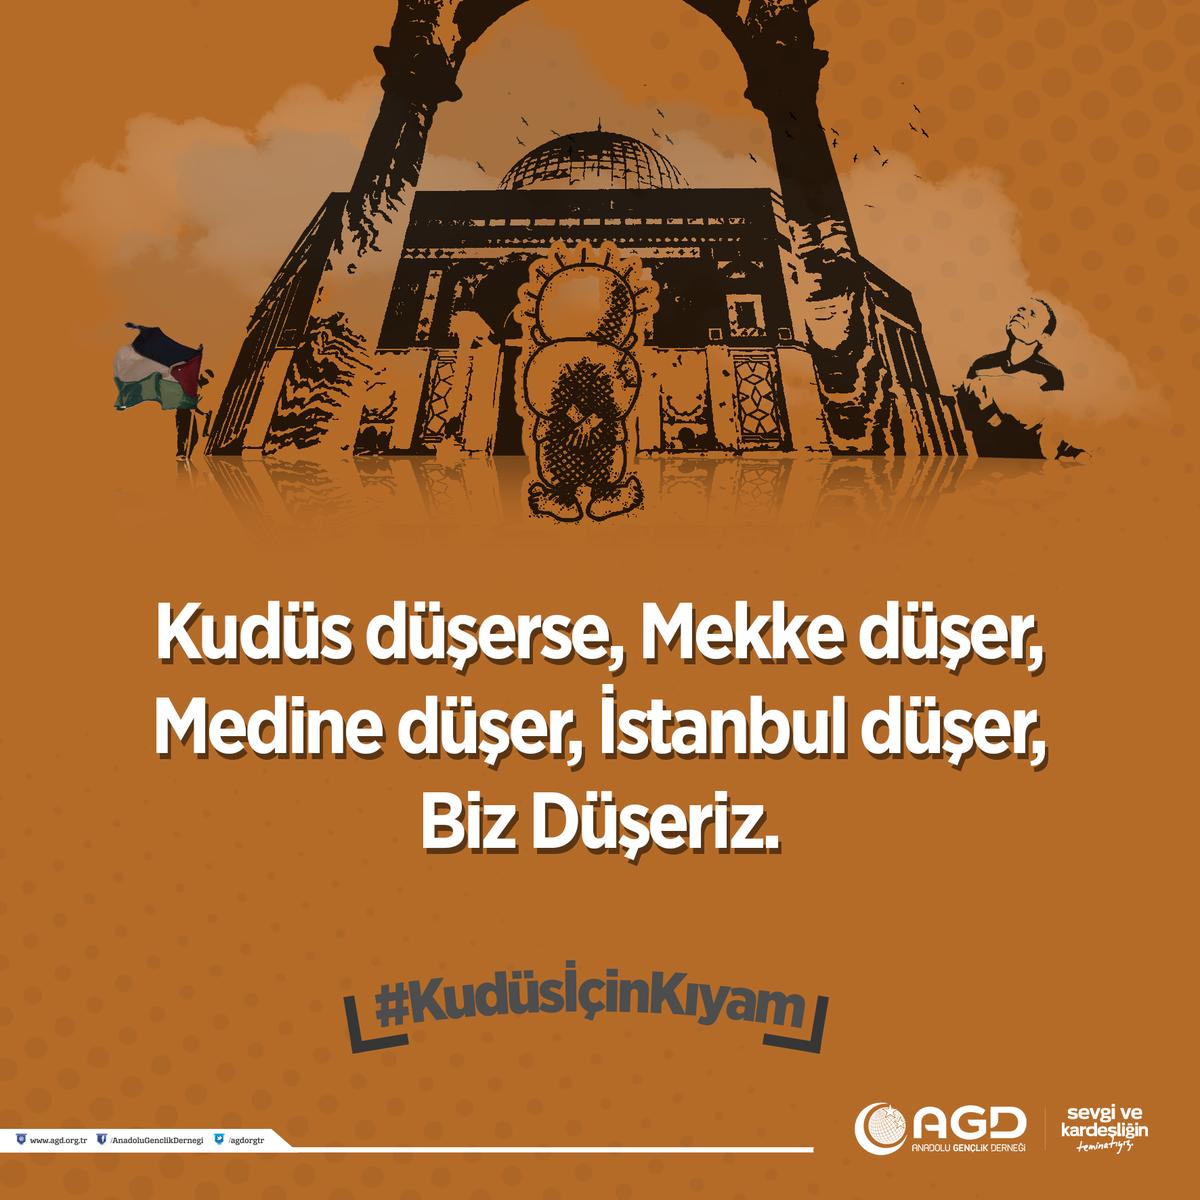 Kudüs düşerse, Mekke düşer, Medine düşer, İstanbul düşer, Biz Düşeriz....